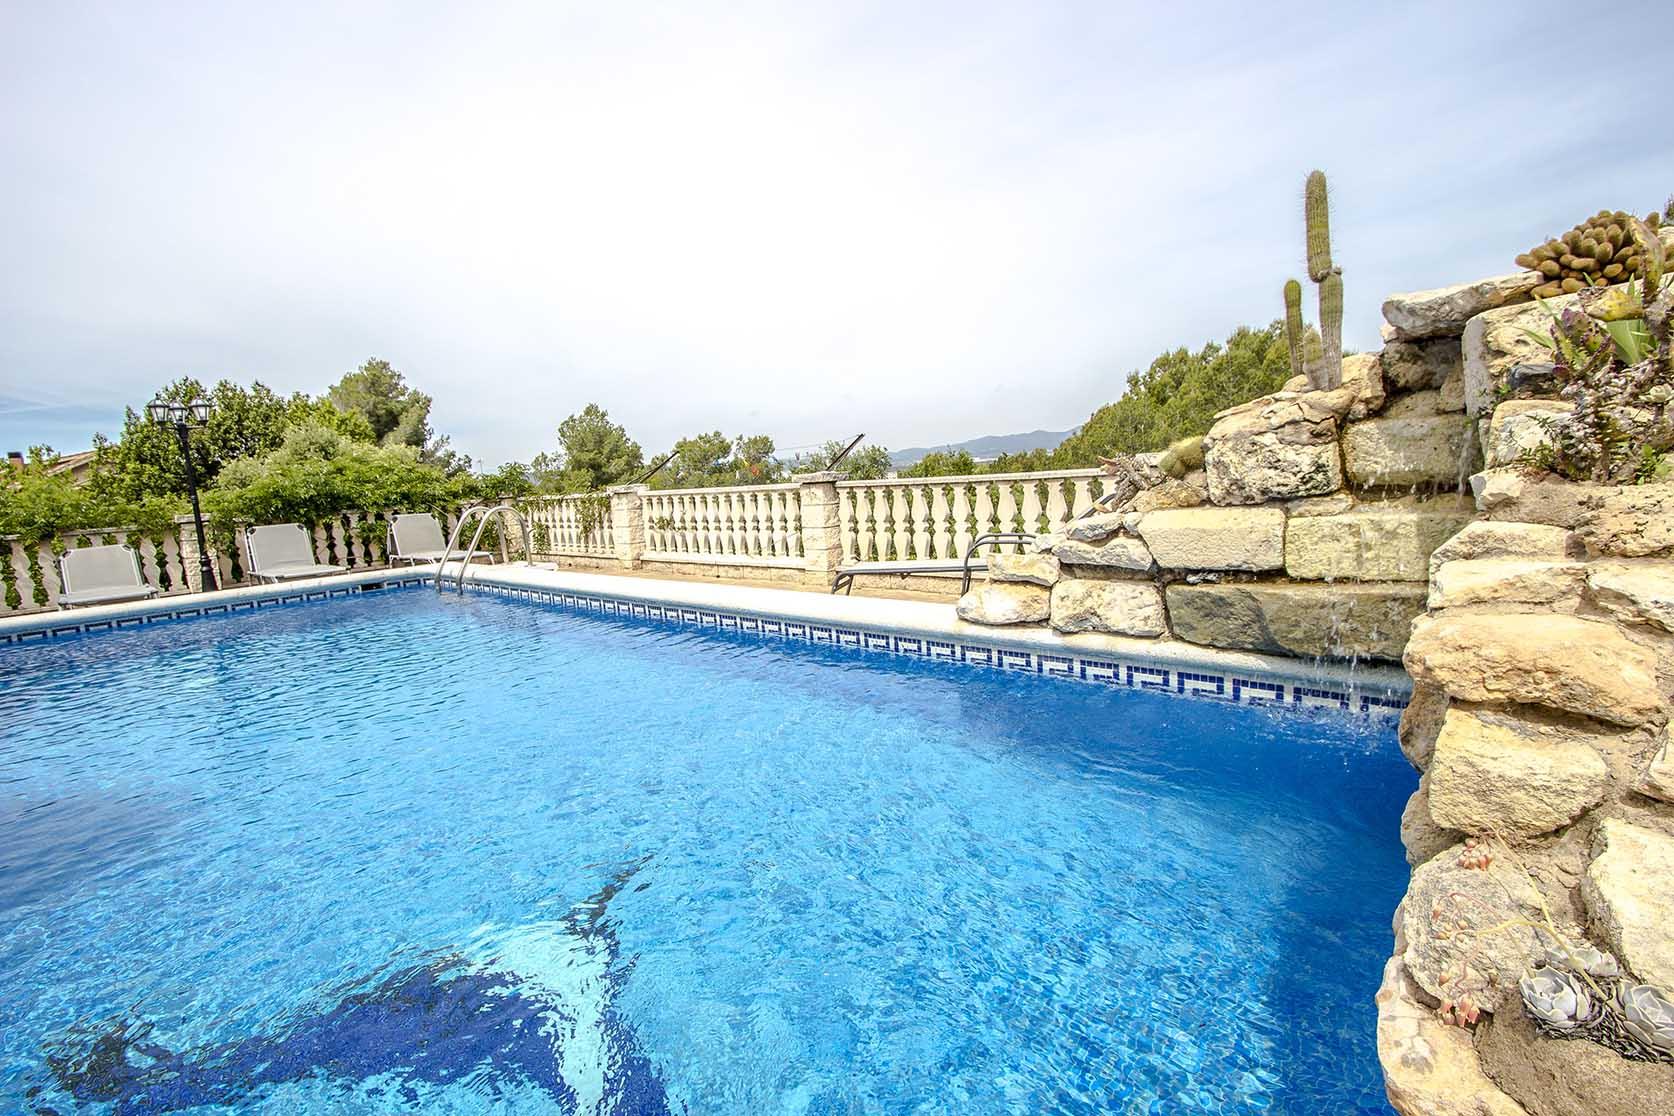 Ferienhaus Catalunya Casas: Lovely villa in Castellet, only 10 min to Costa Dorada beaches! (1890850), Castellet i la Gornal, Costa del Garraf, Katalonien, Spanien, Bild 7